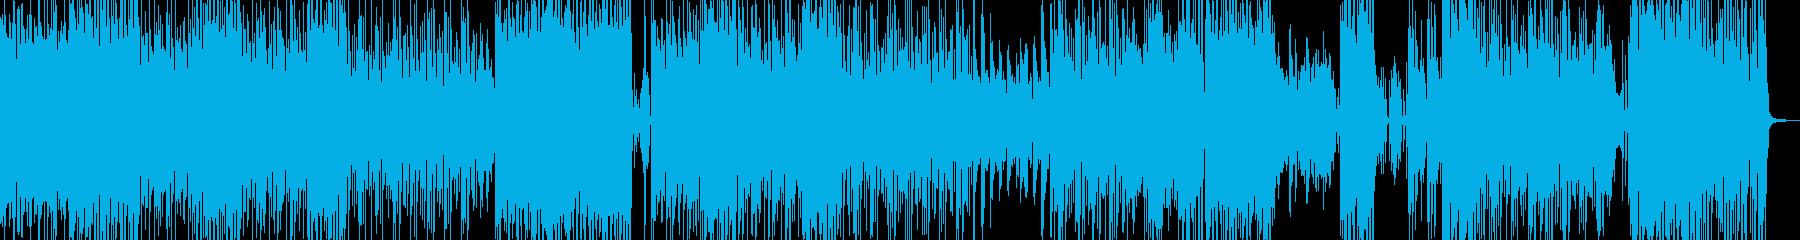 高揚感・ギャグ・バラエティテクノ  Bの再生済みの波形